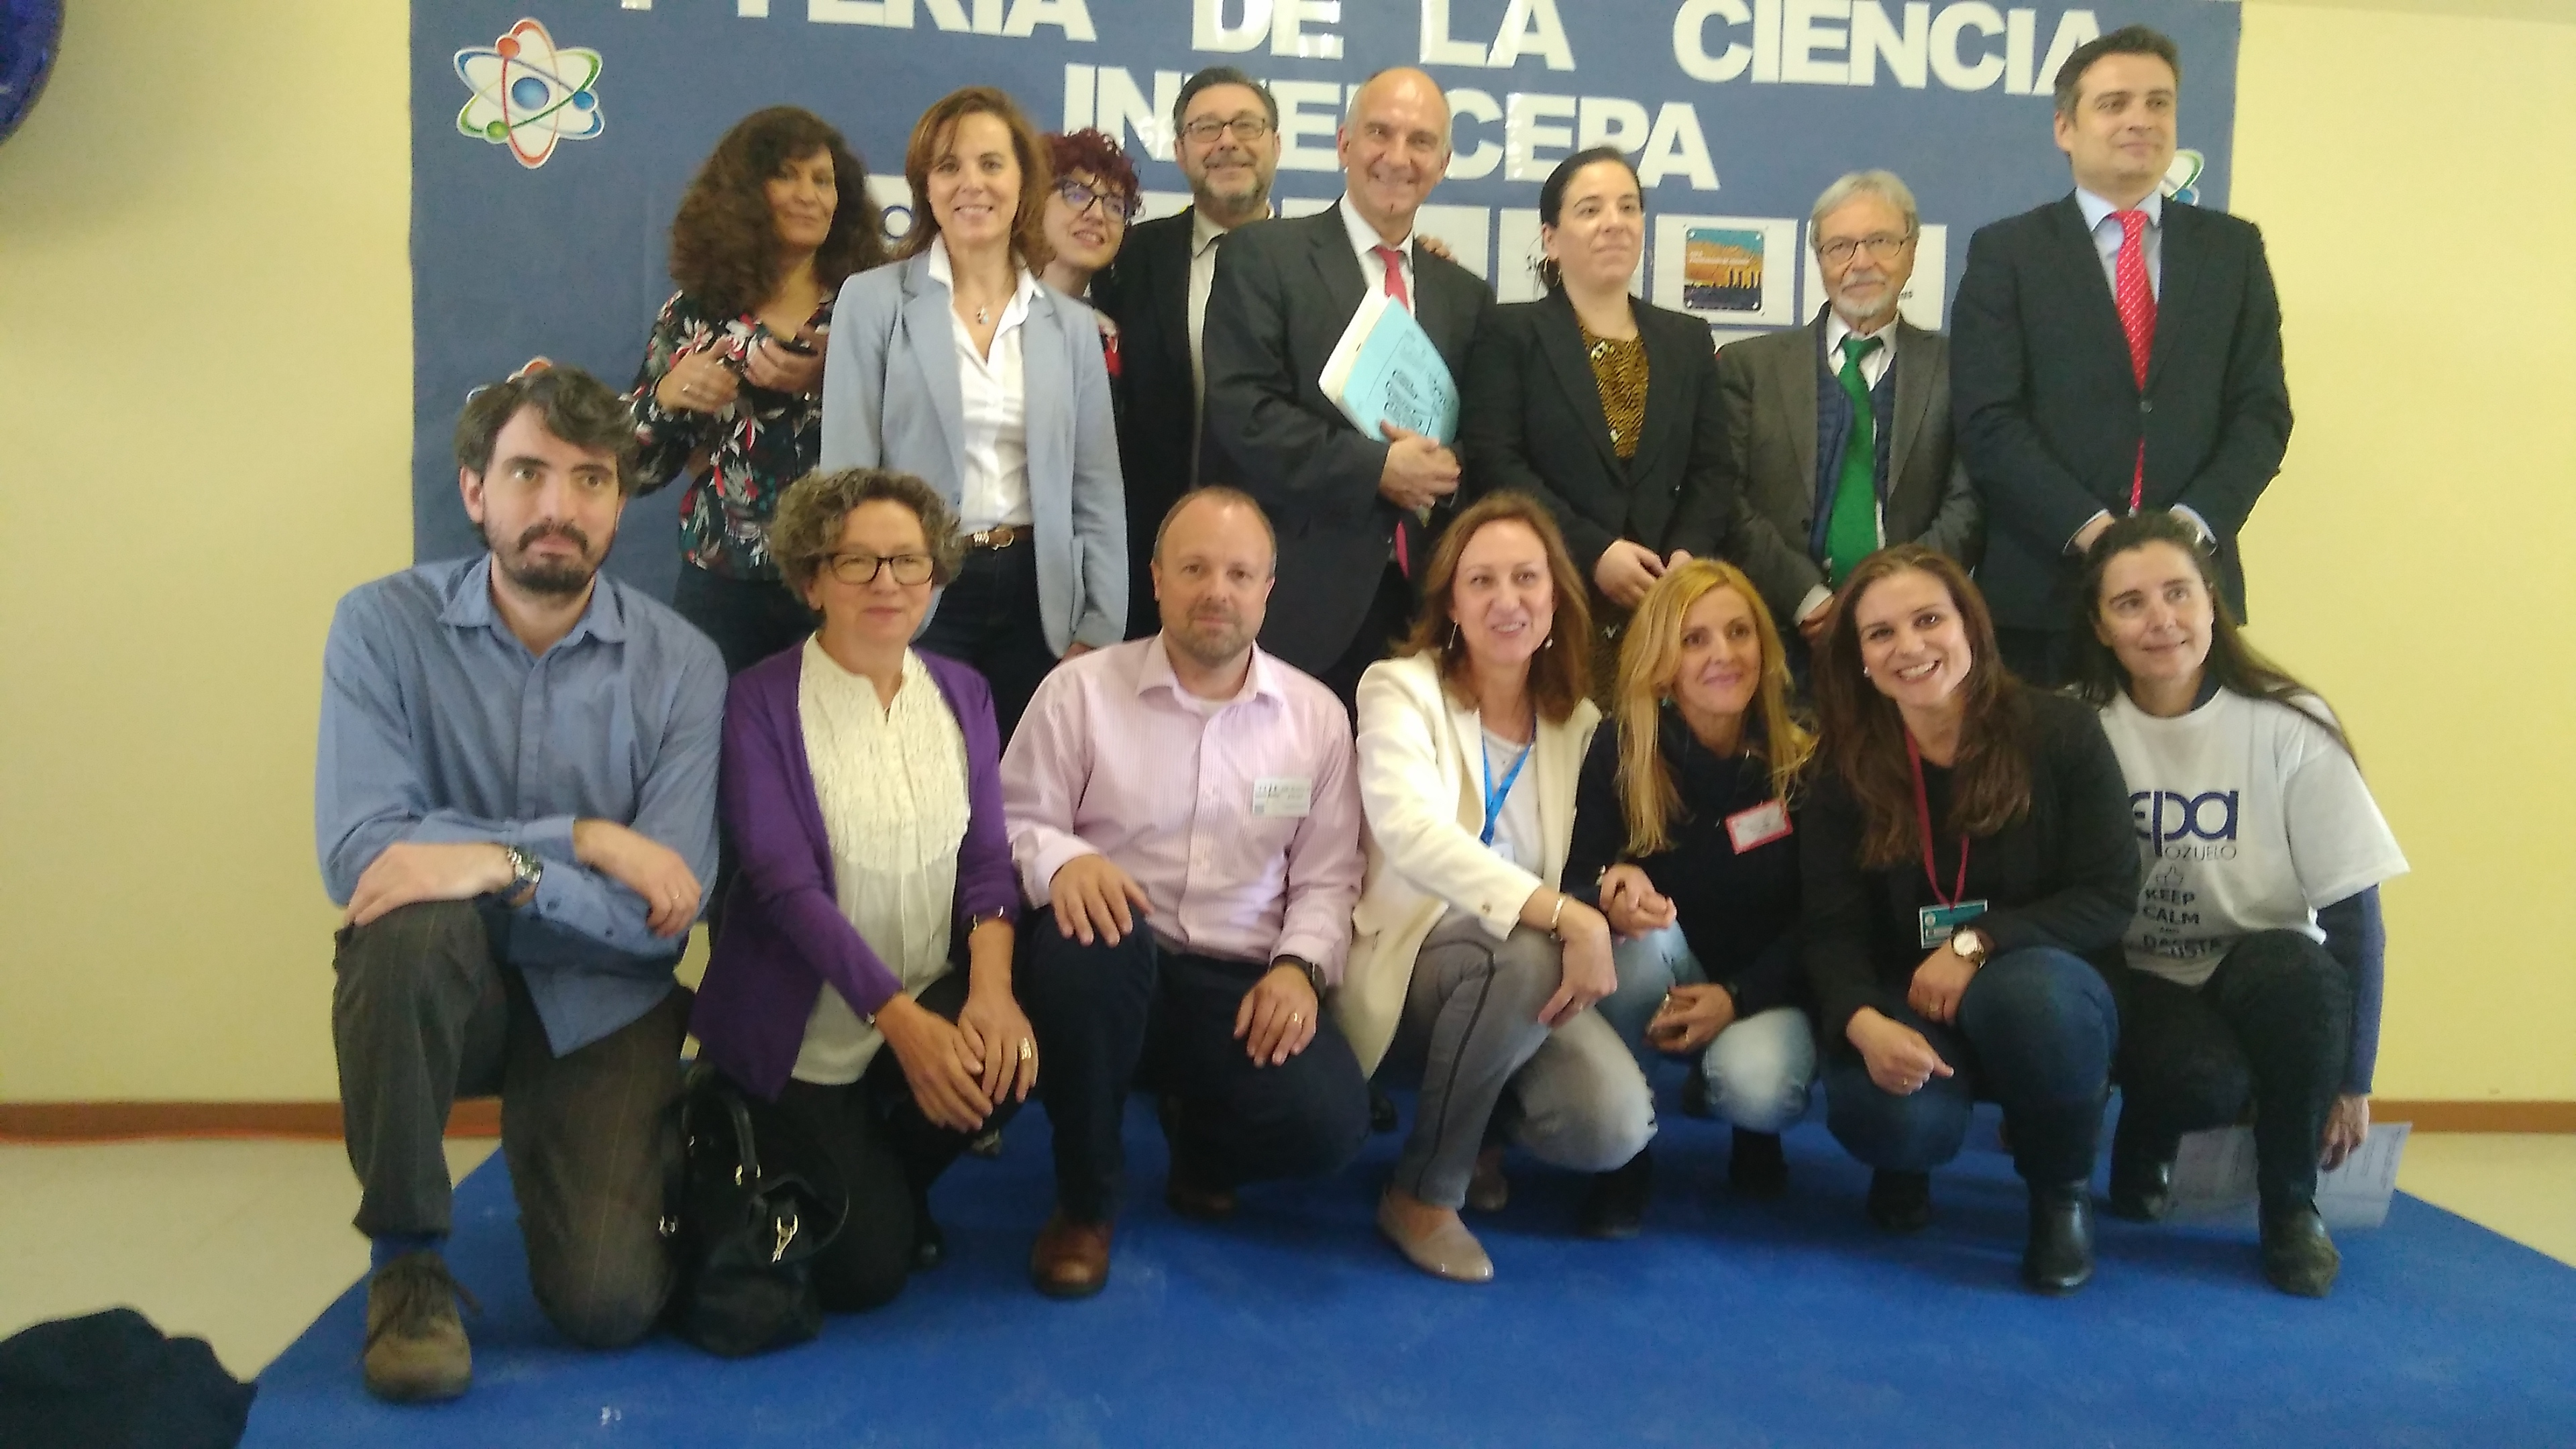 Feria de la Ciencia InterCEPA 2018 2